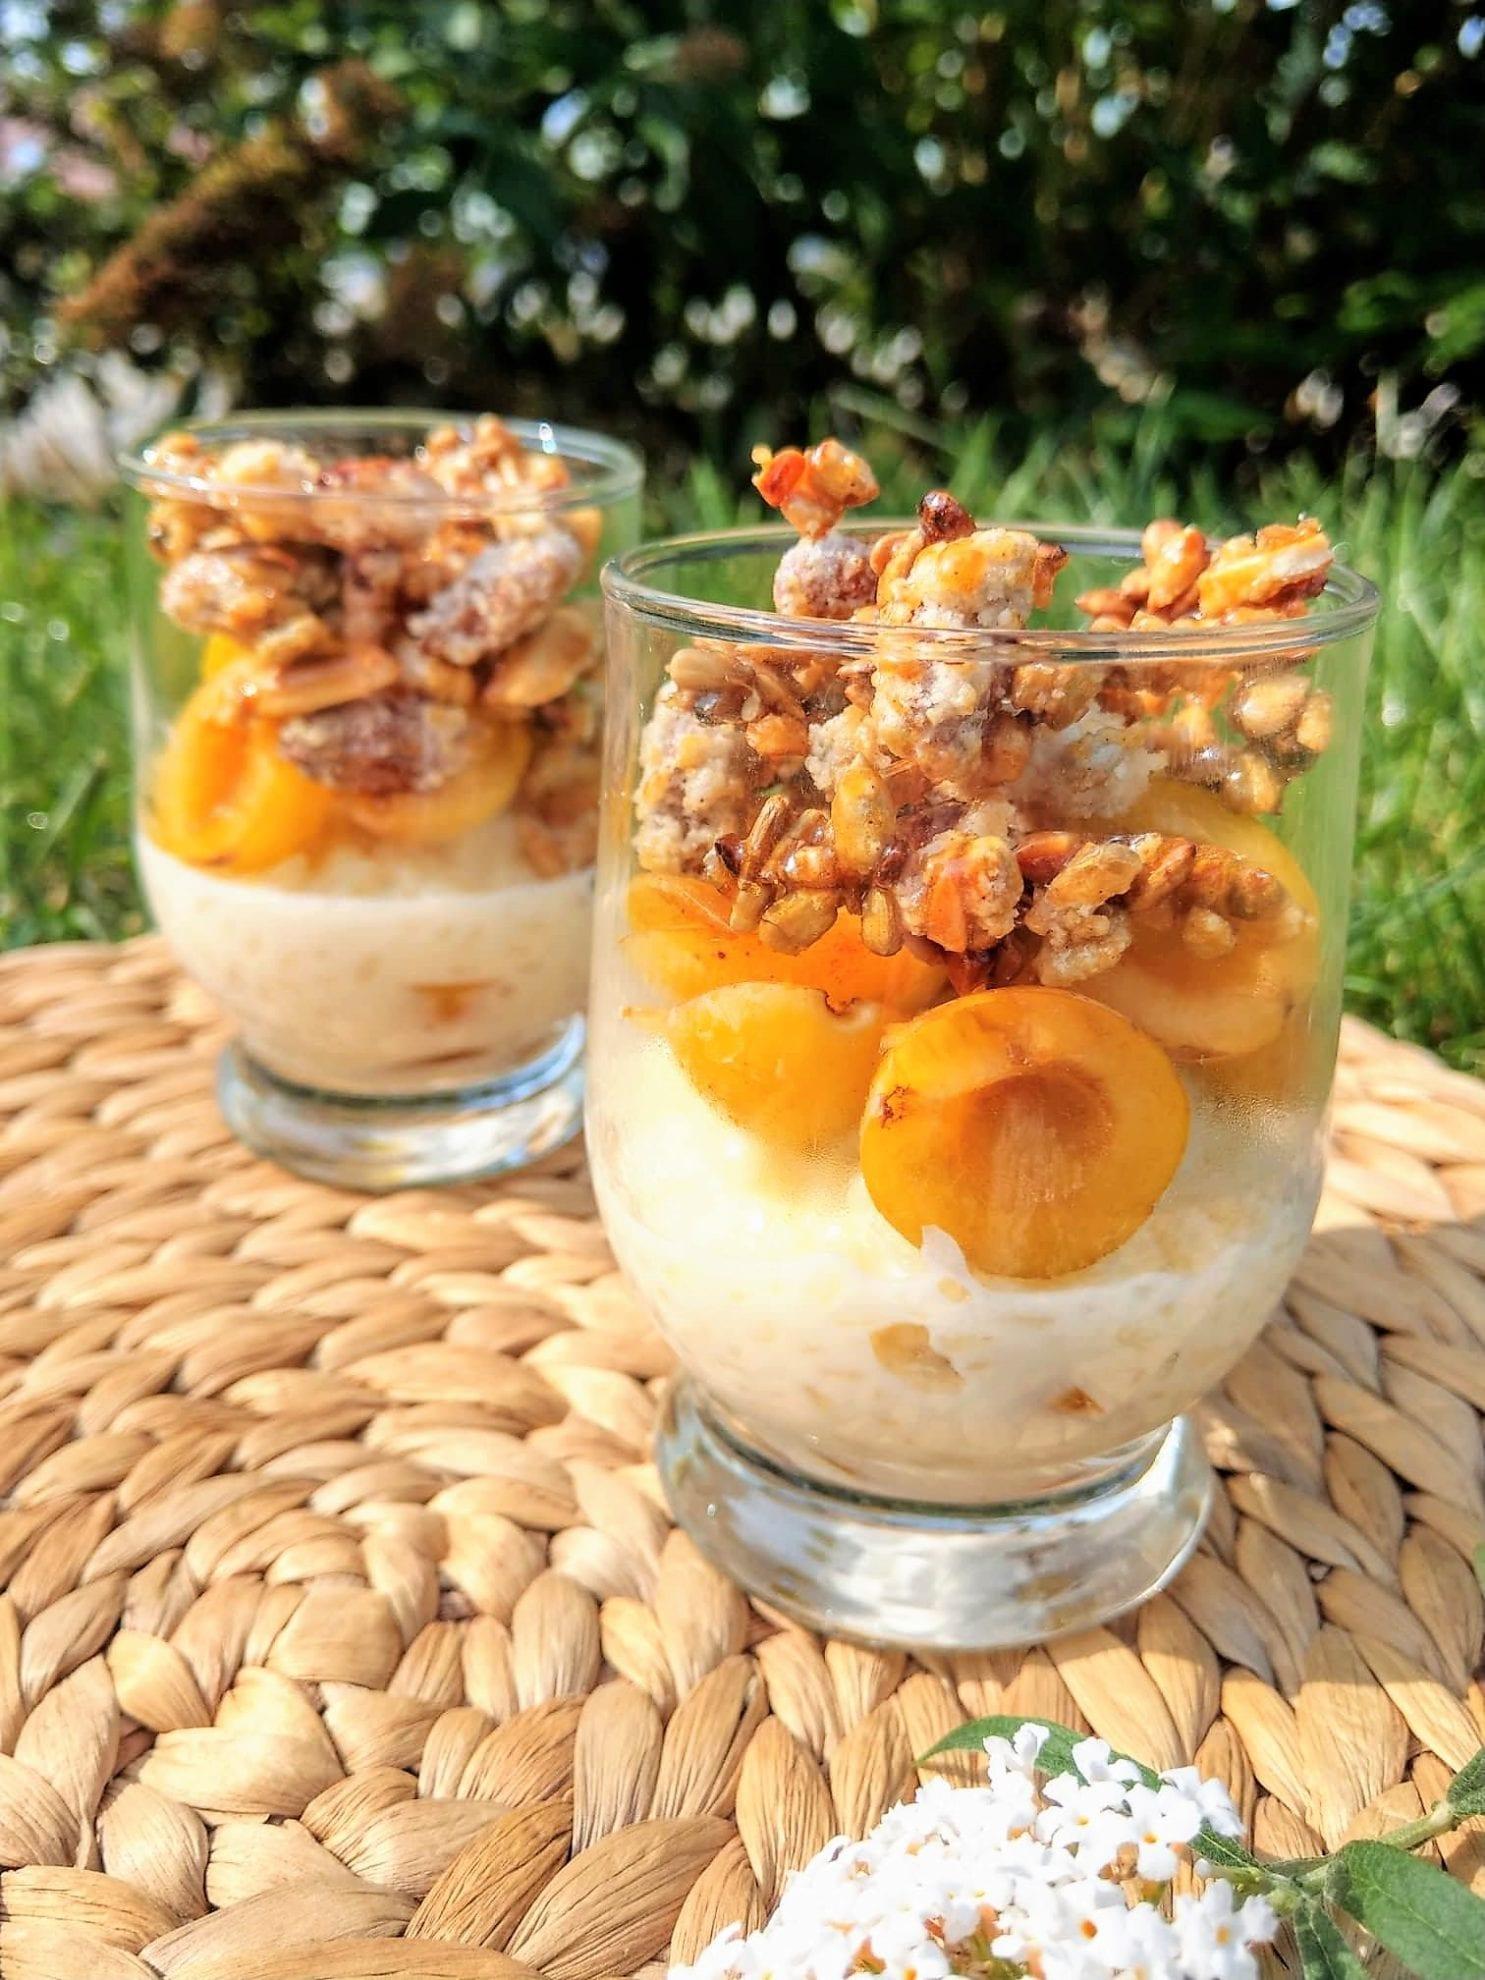 Das Schichtdessert aus Milchreis mit Marillen und karamellisierten Nüssen ist die perfekte Möglichkeit, um die Obsternte passend in Szene zu setzen.